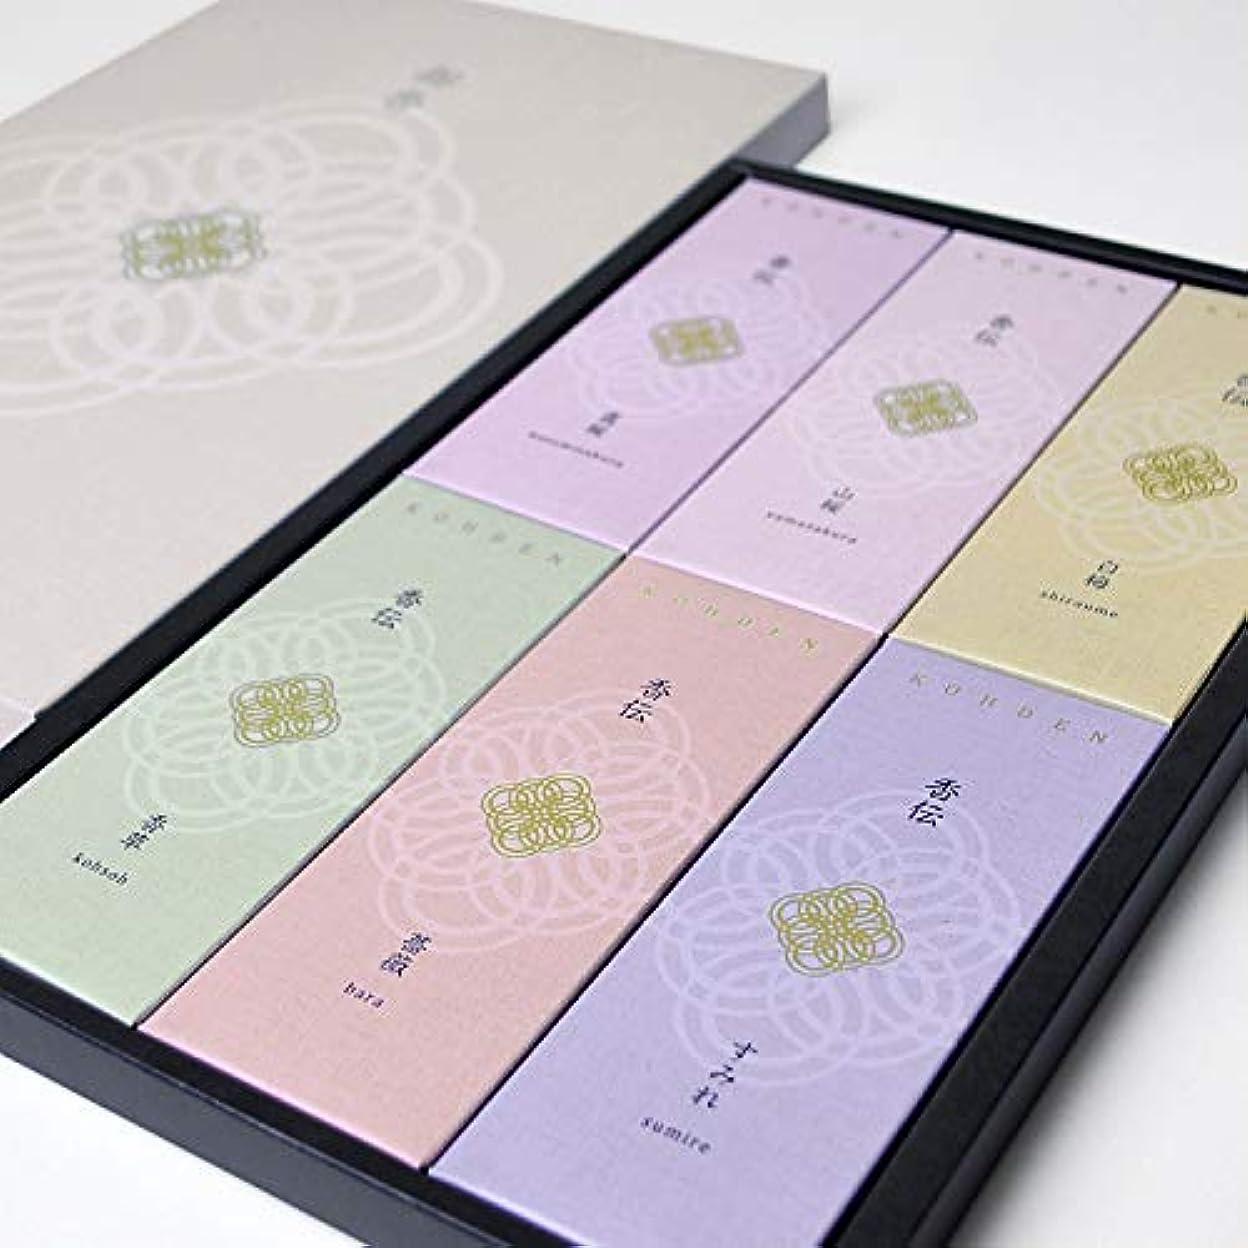 カフェ未就学ひらめき(ポストに投函できる進物用)日本香堂 香伝 花の香り 線香6種類 1セット